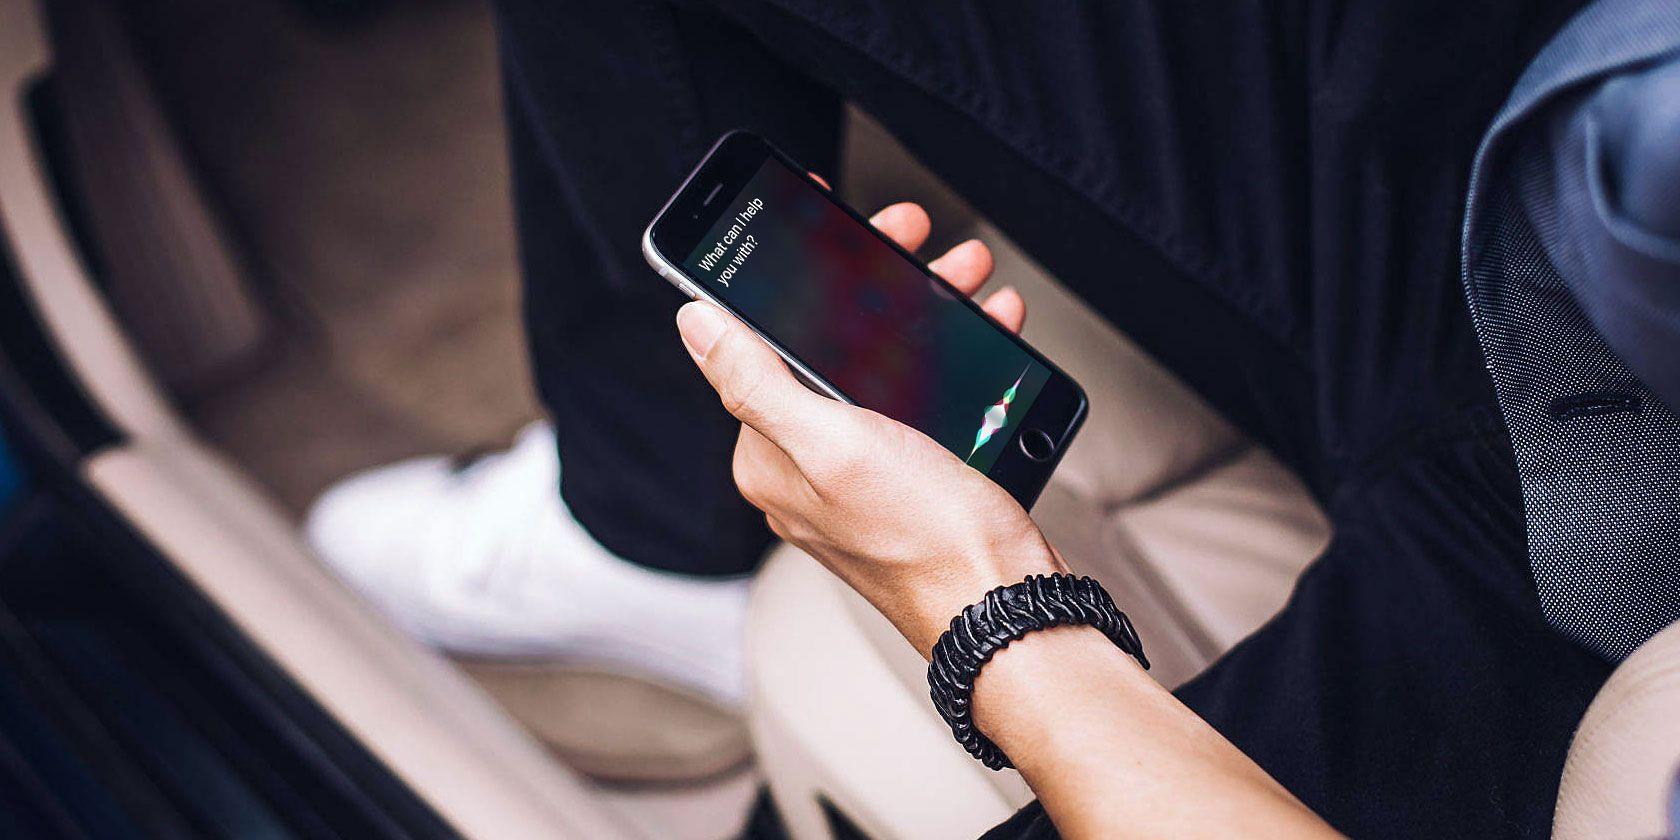 Siri Isn't Working on Your iPhone or iPad? 7 Tips to Fix It